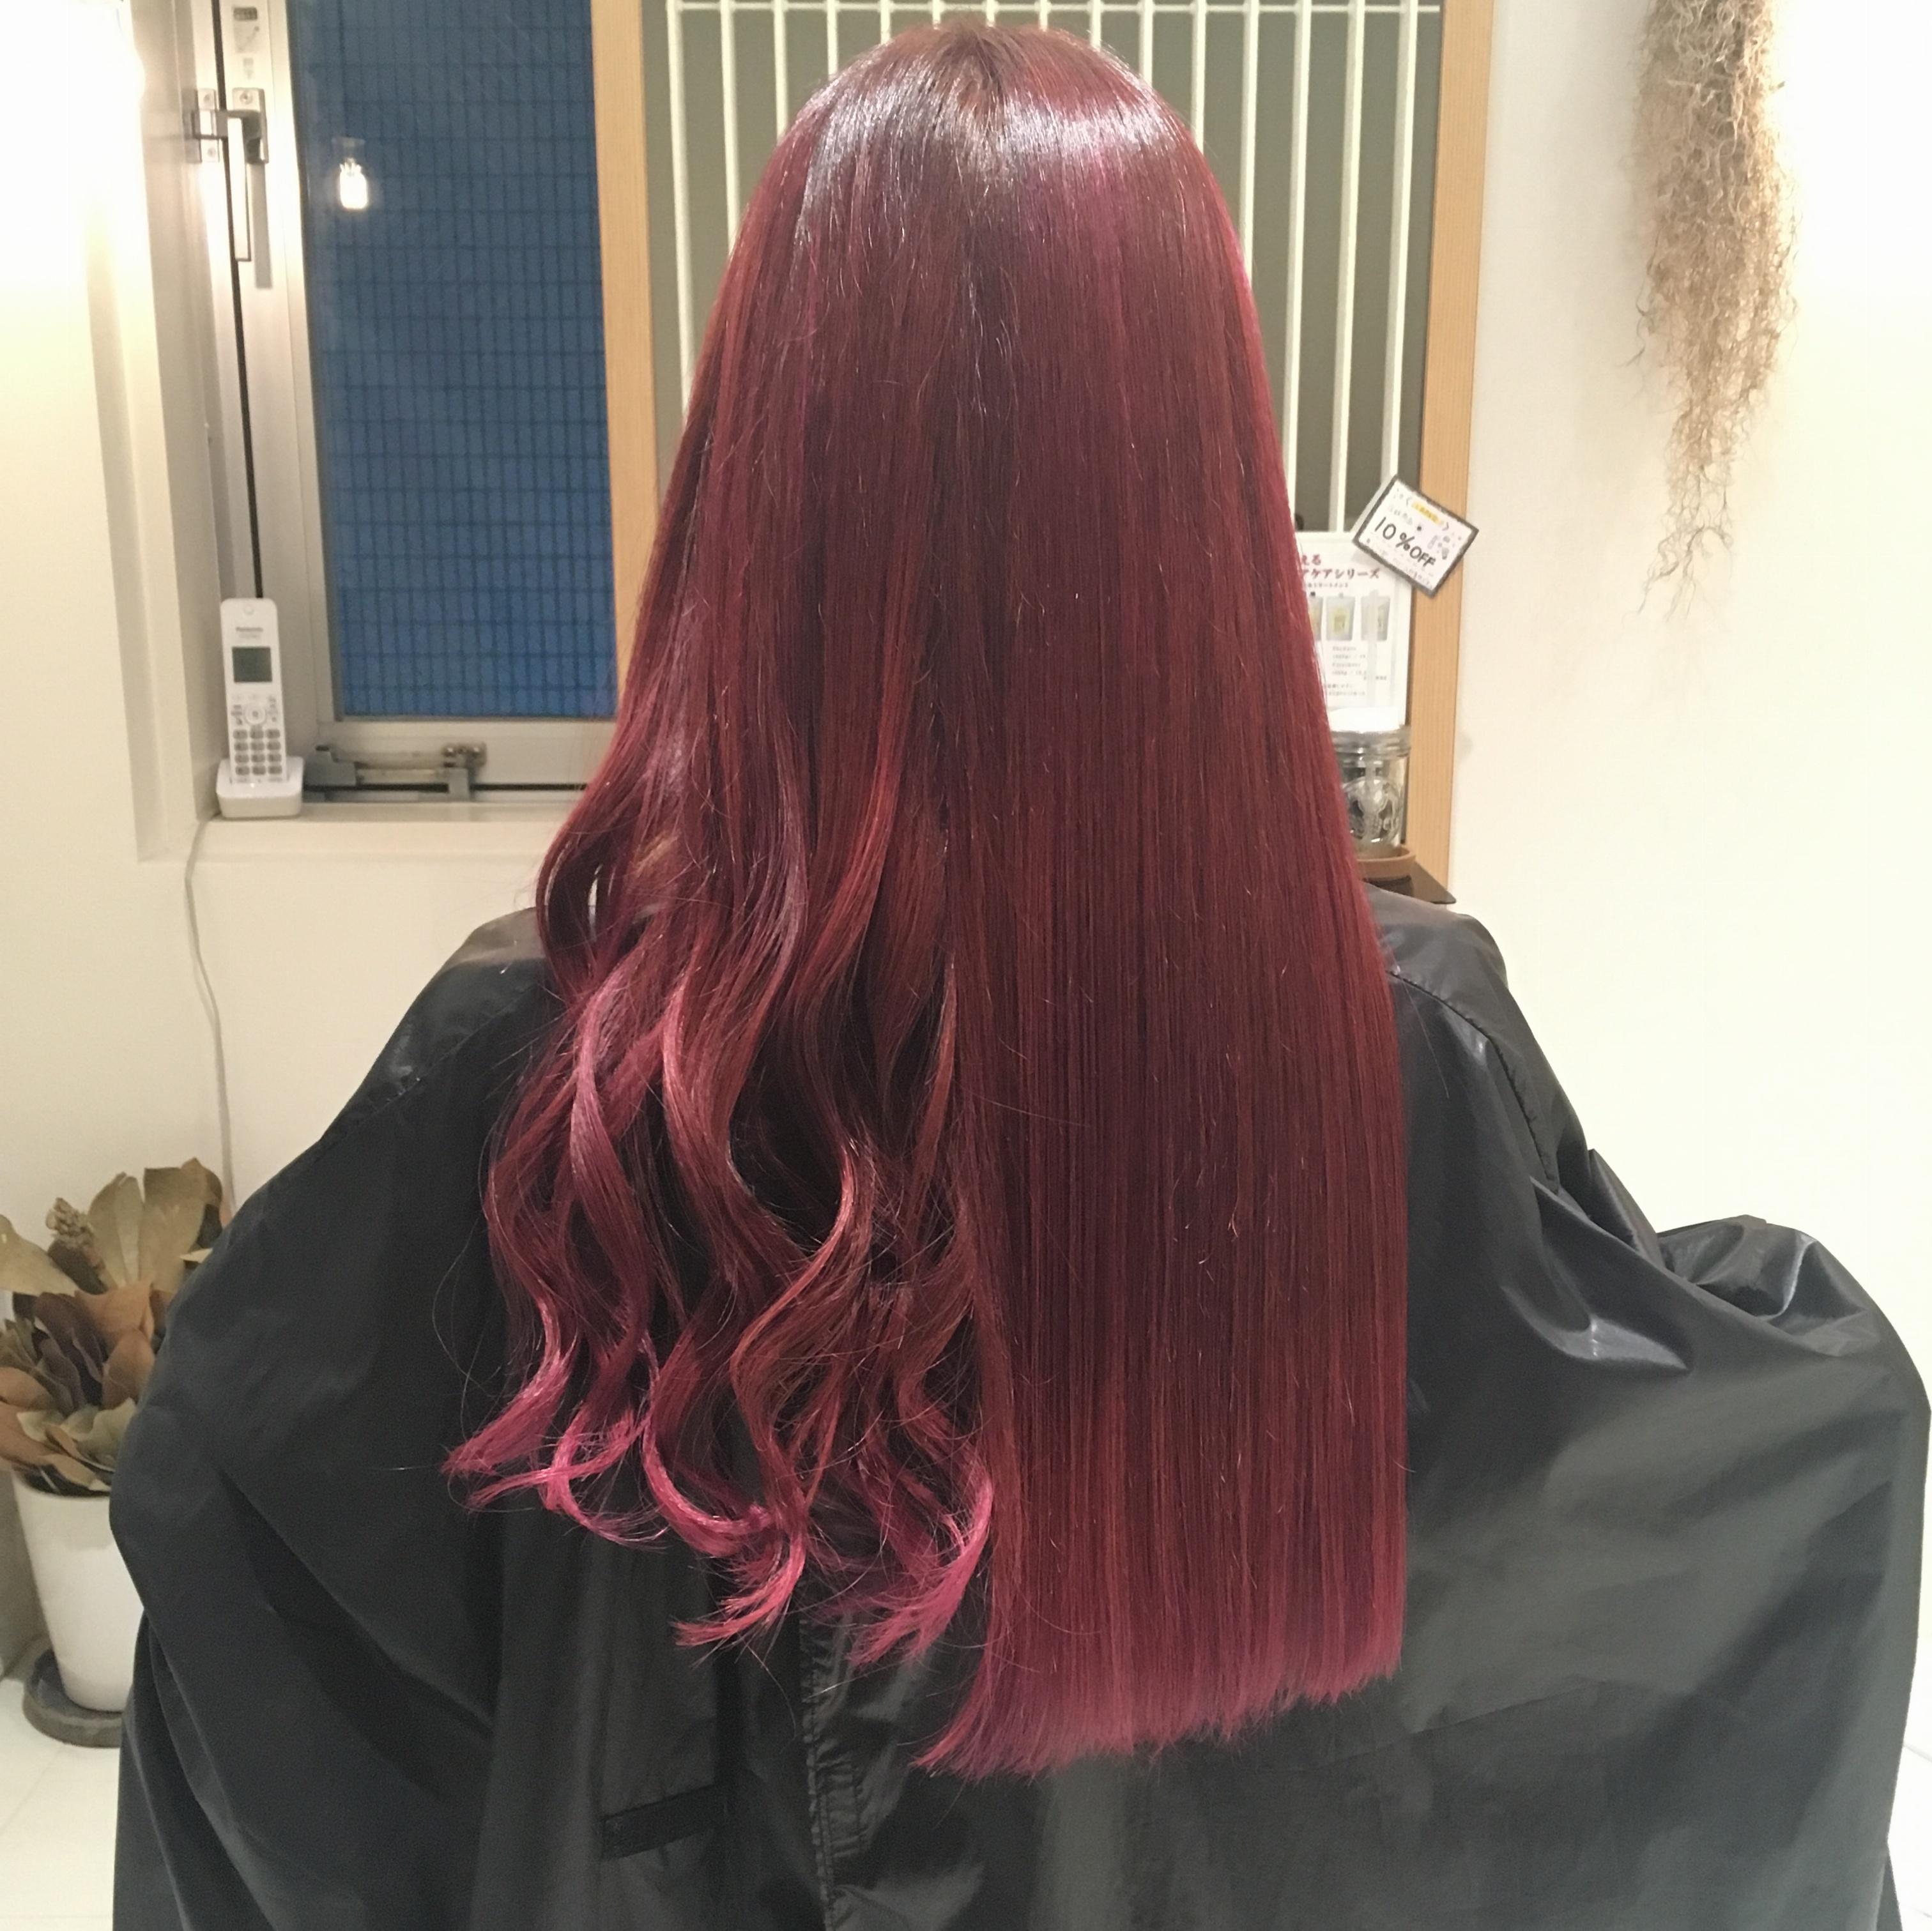 2018年最初のカラーはこの色に決めた!!なりたいカラーが叶うヘアサロン♪_6